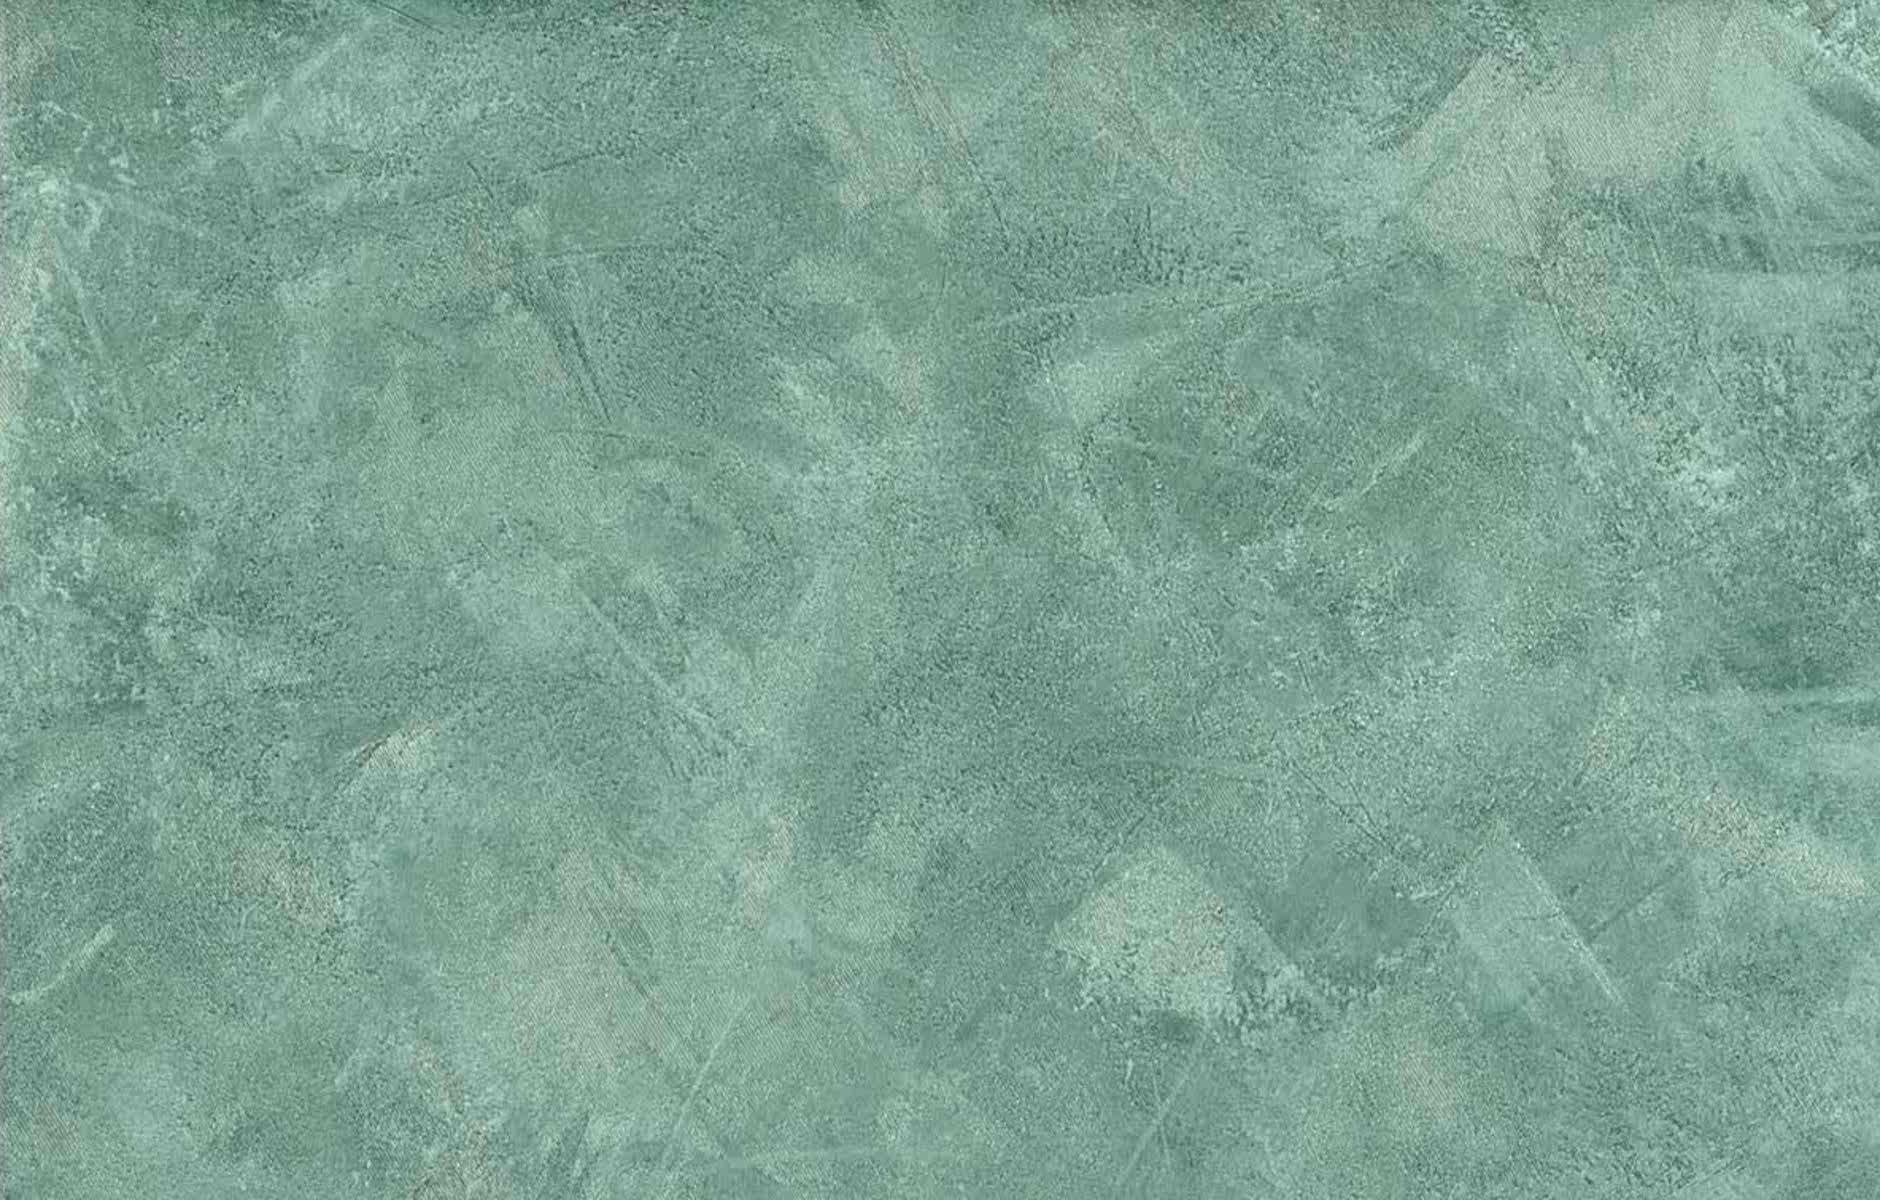 green textured wallpaper - photo #16